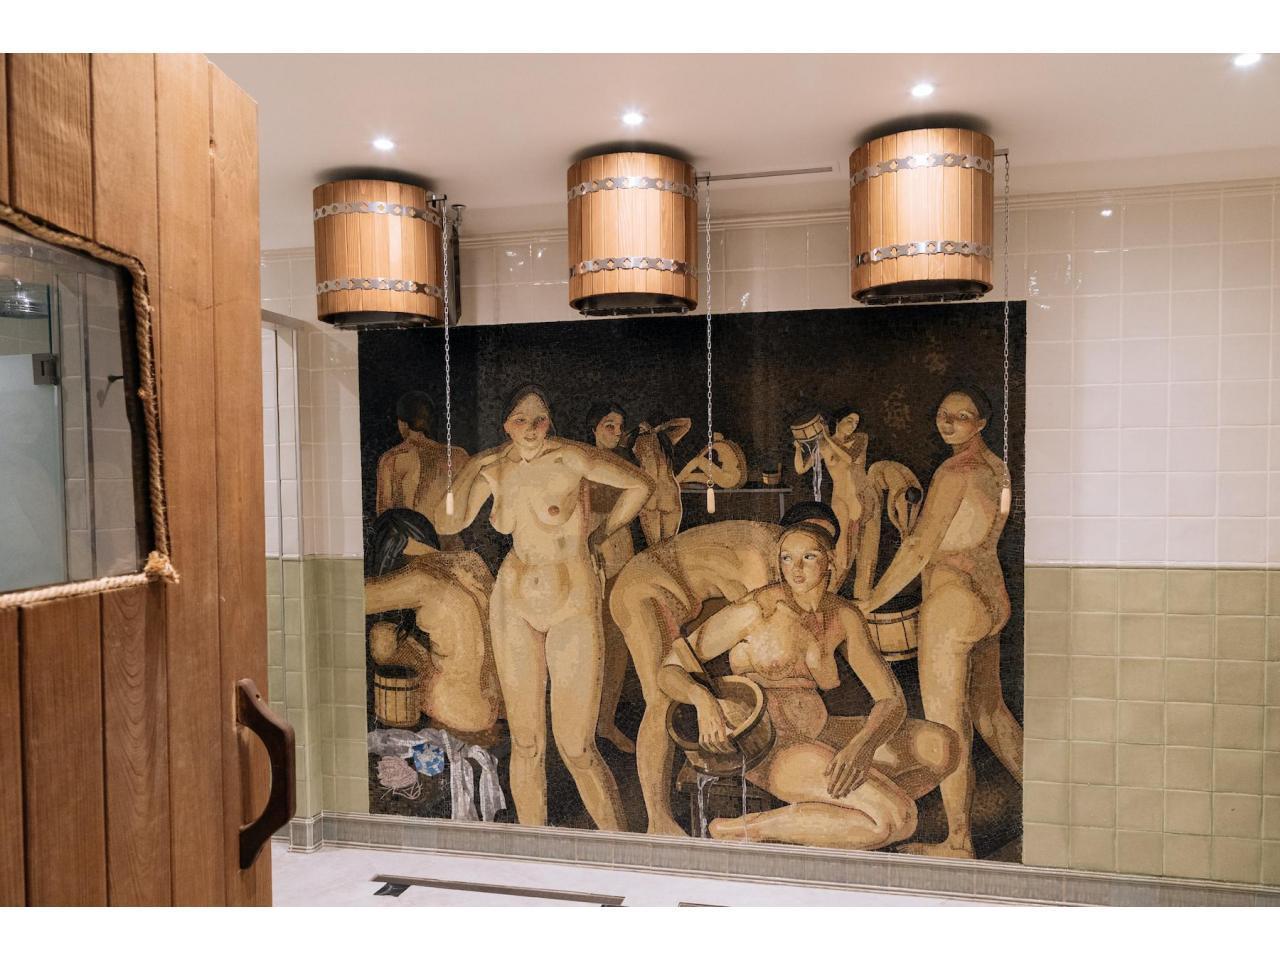 Требуются банщики в банный комплекс, Лондон, станция Виктория - 1